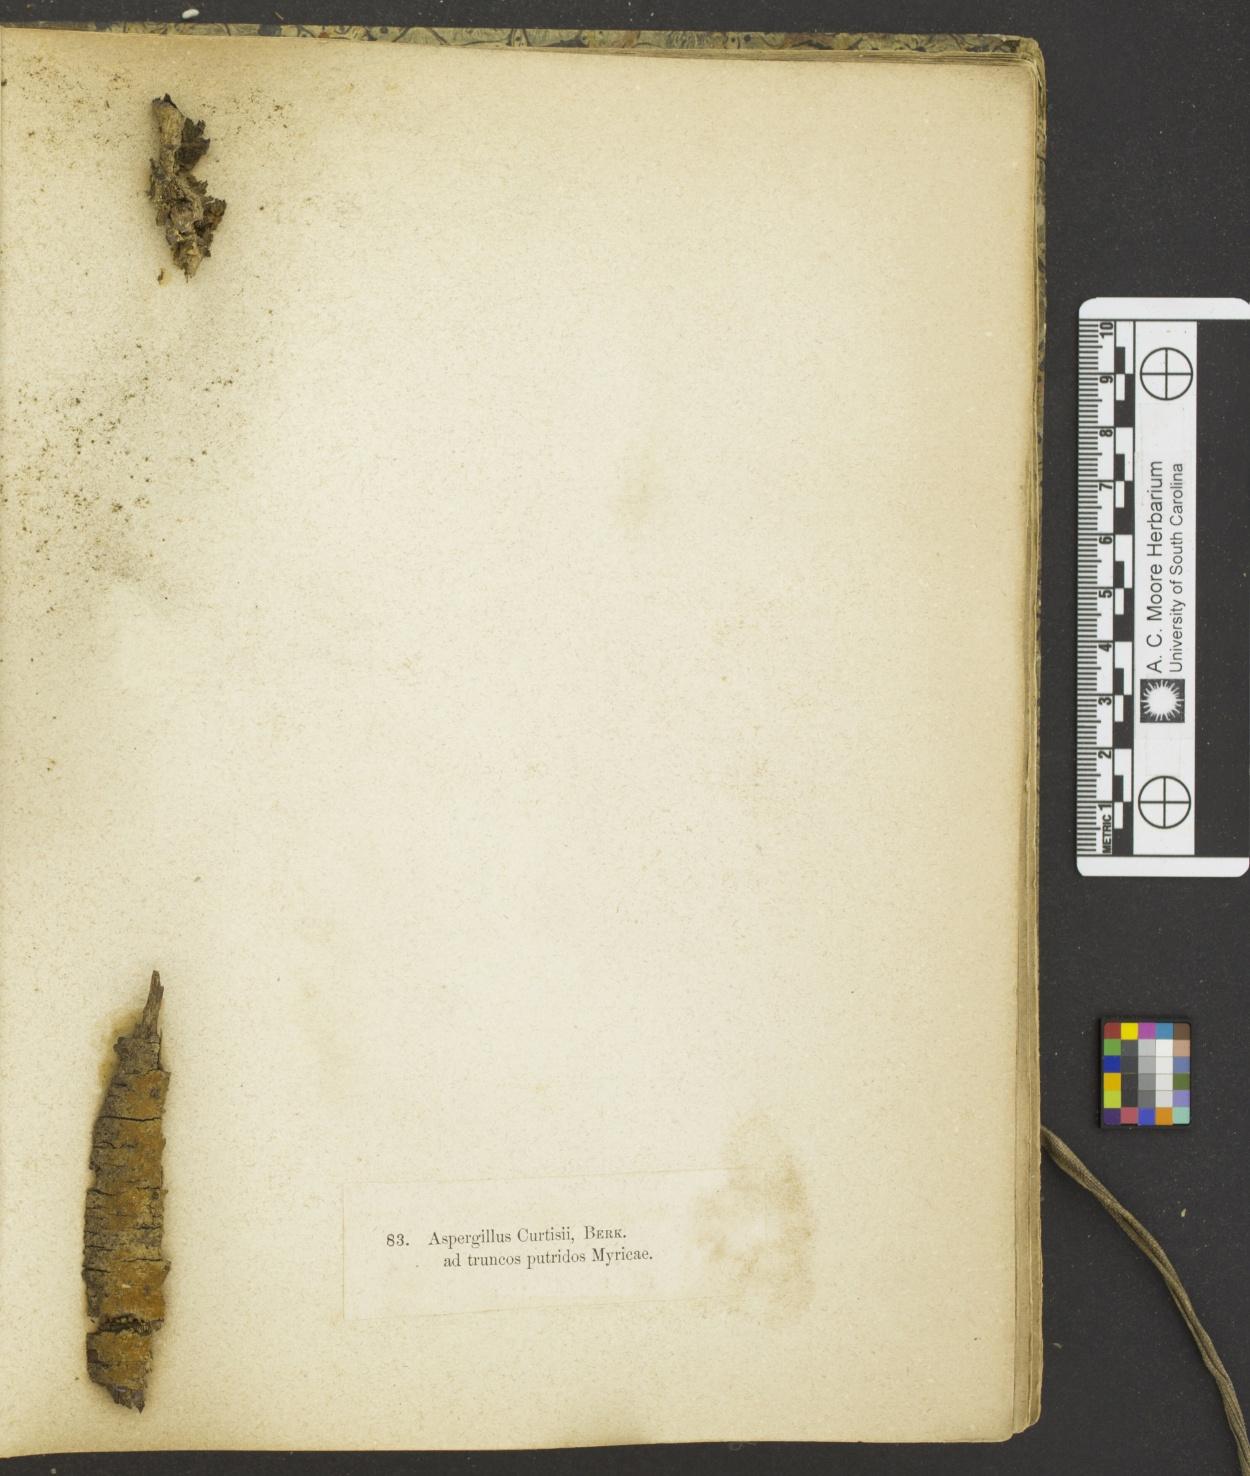 Haplotrichum curtisii image